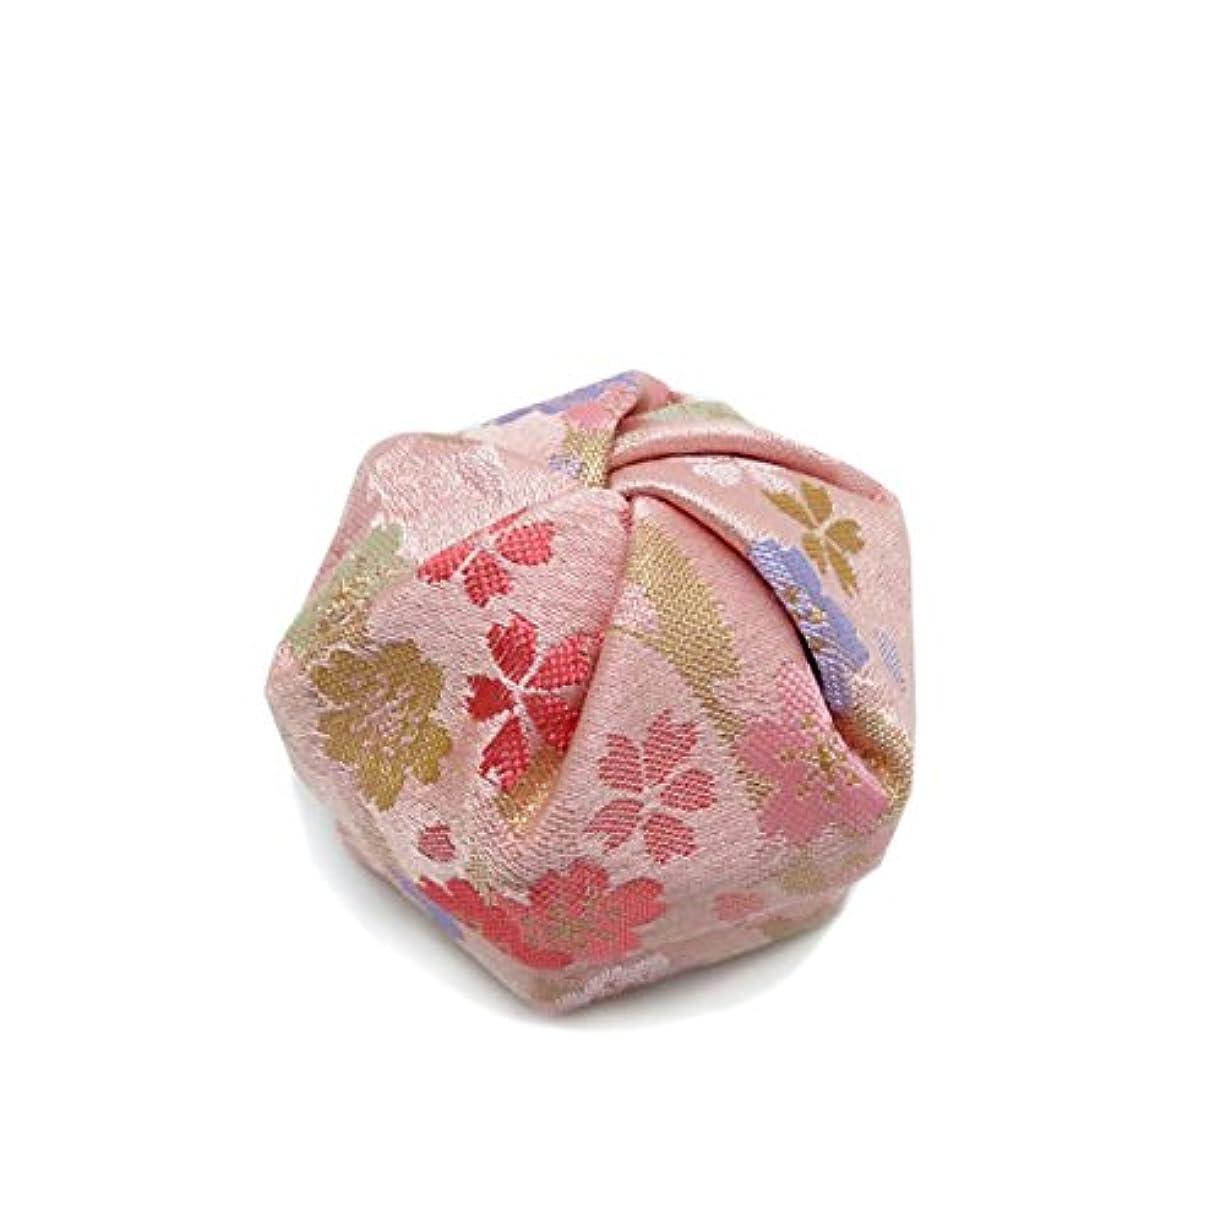 反逆ストレスの多い部屋を掃除する布香盒 ピンク系 紙箱入